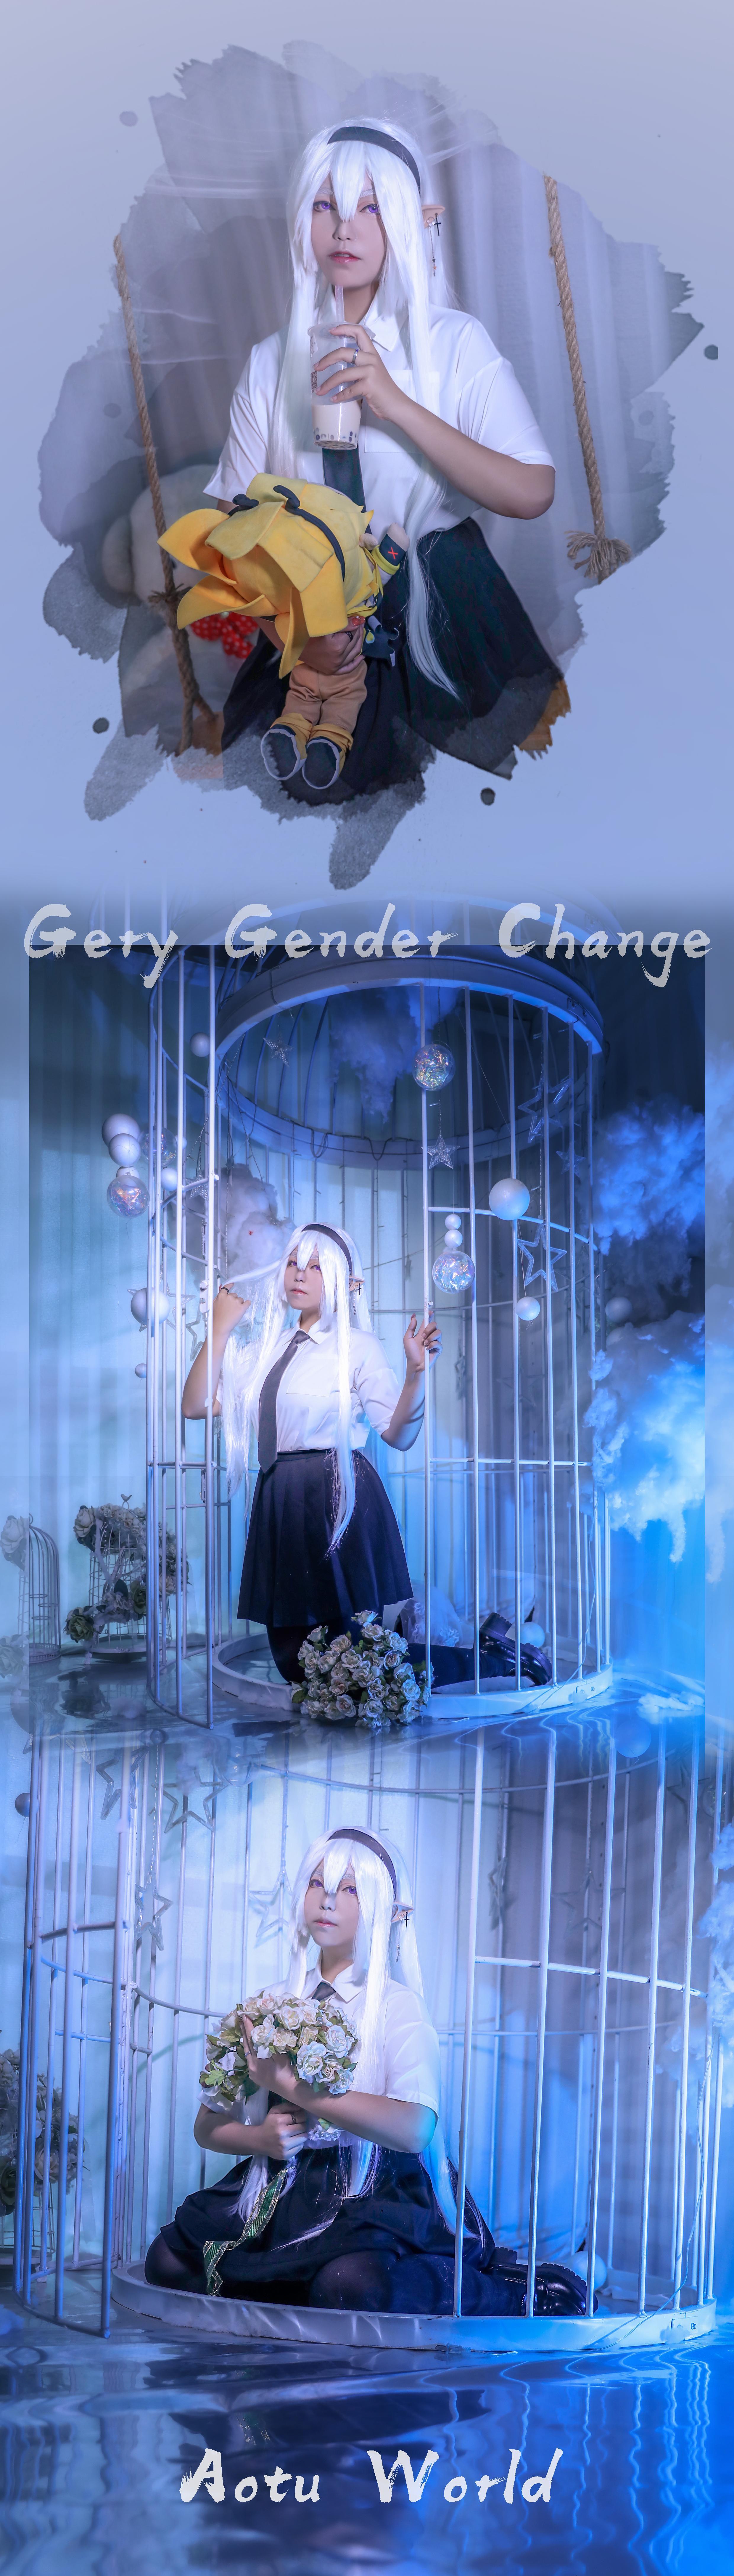 《凹凸世界》格瑞cosplay【CN:YL.沫笙】-第4张